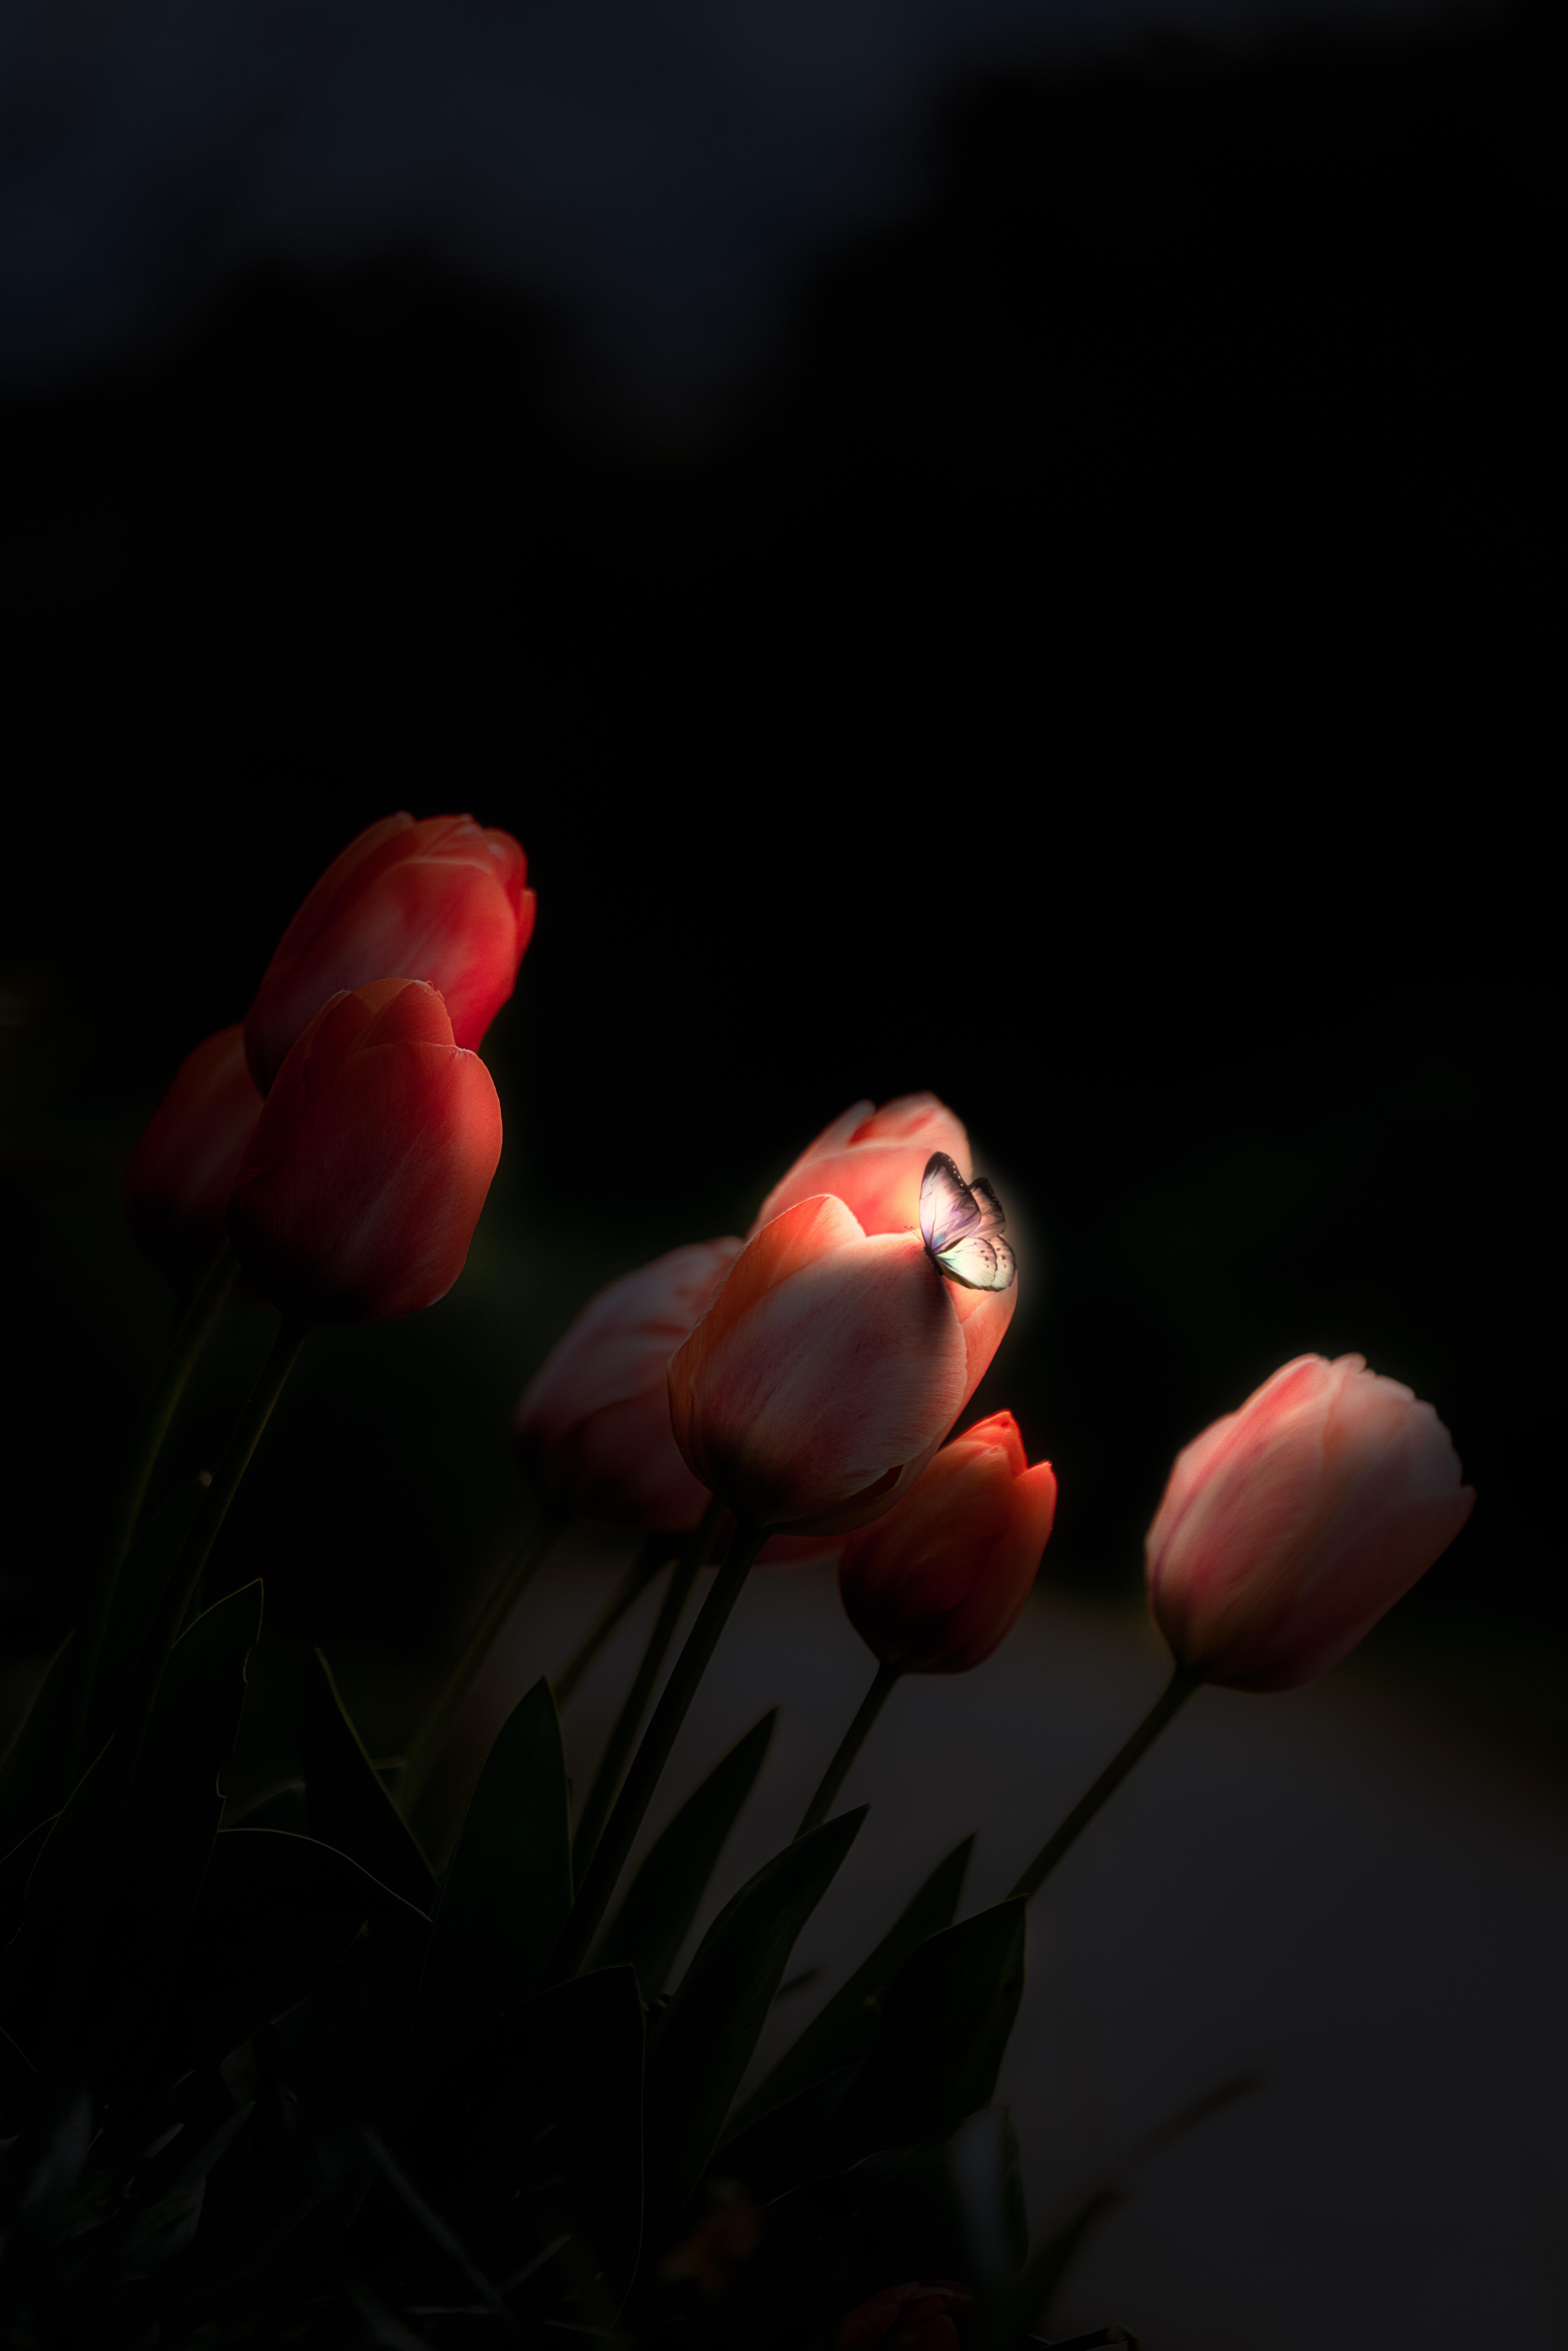 80733 скачать обои Темные, Бабочка, Свечение, Ночь, Цветы, Тюльпаны - заставки и картинки бесплатно